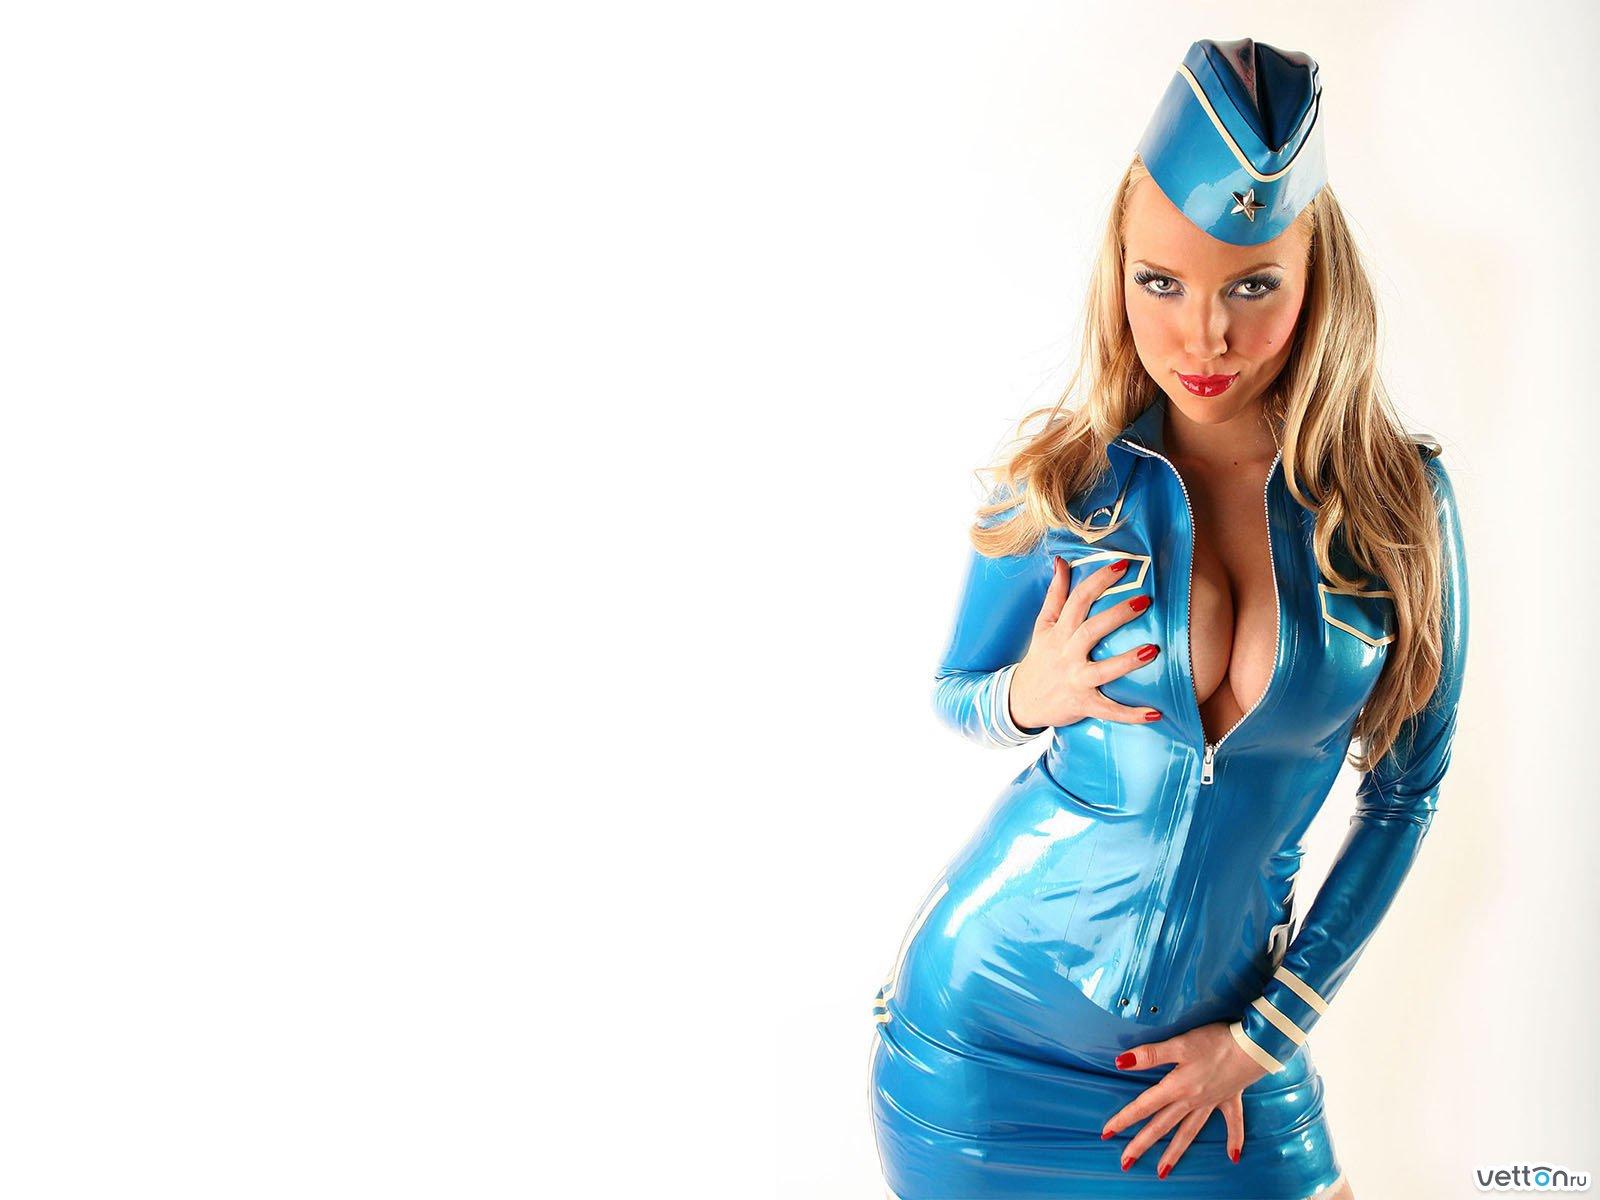 Фото стюардессы блондинки 4 фотография